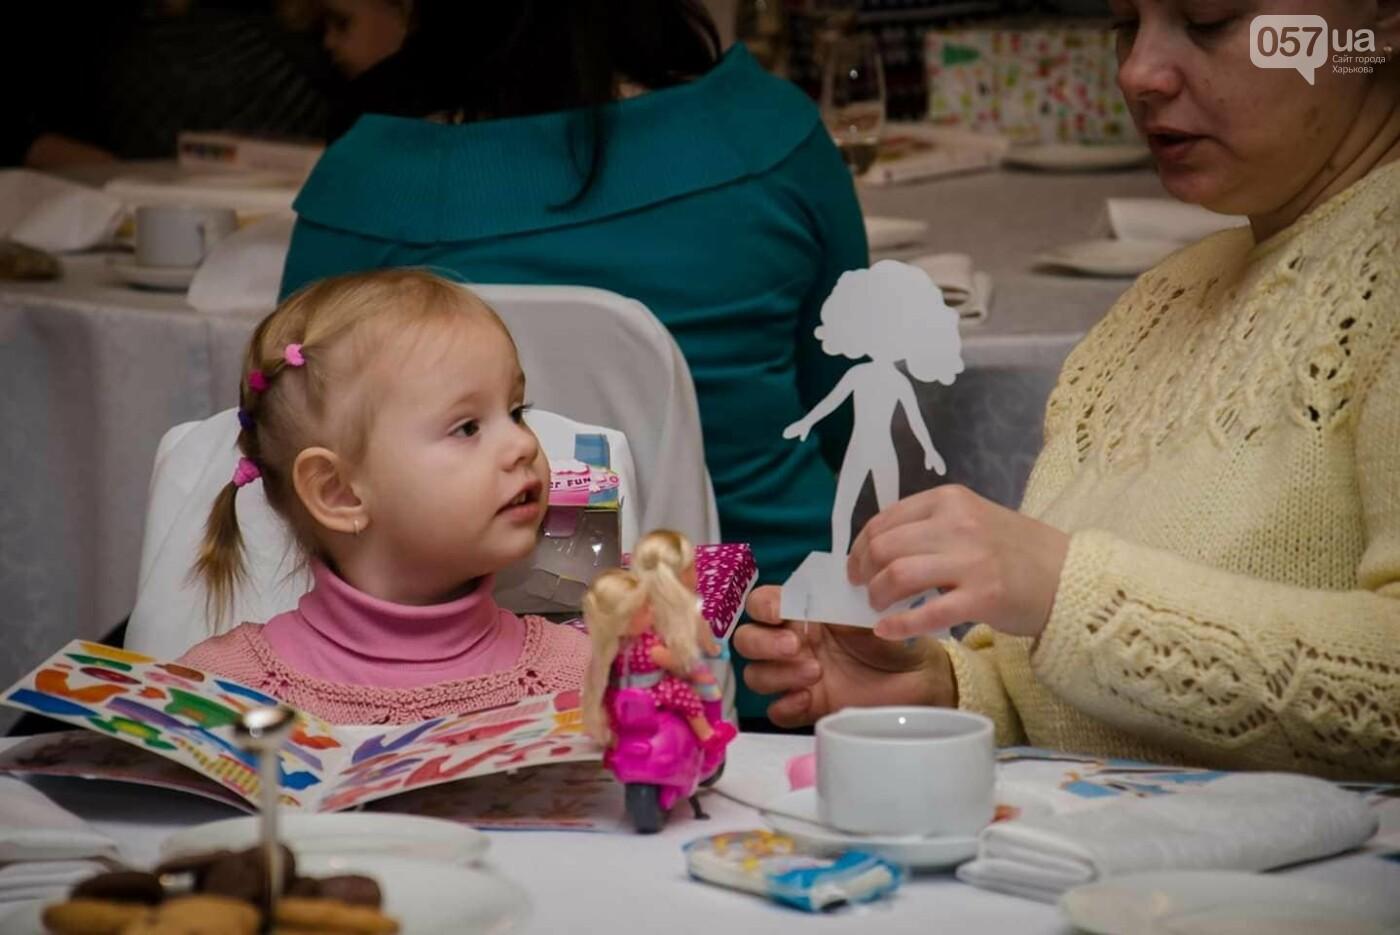 Как в Харькове объединяются благотворительные организации в заботе о детях, фото-1